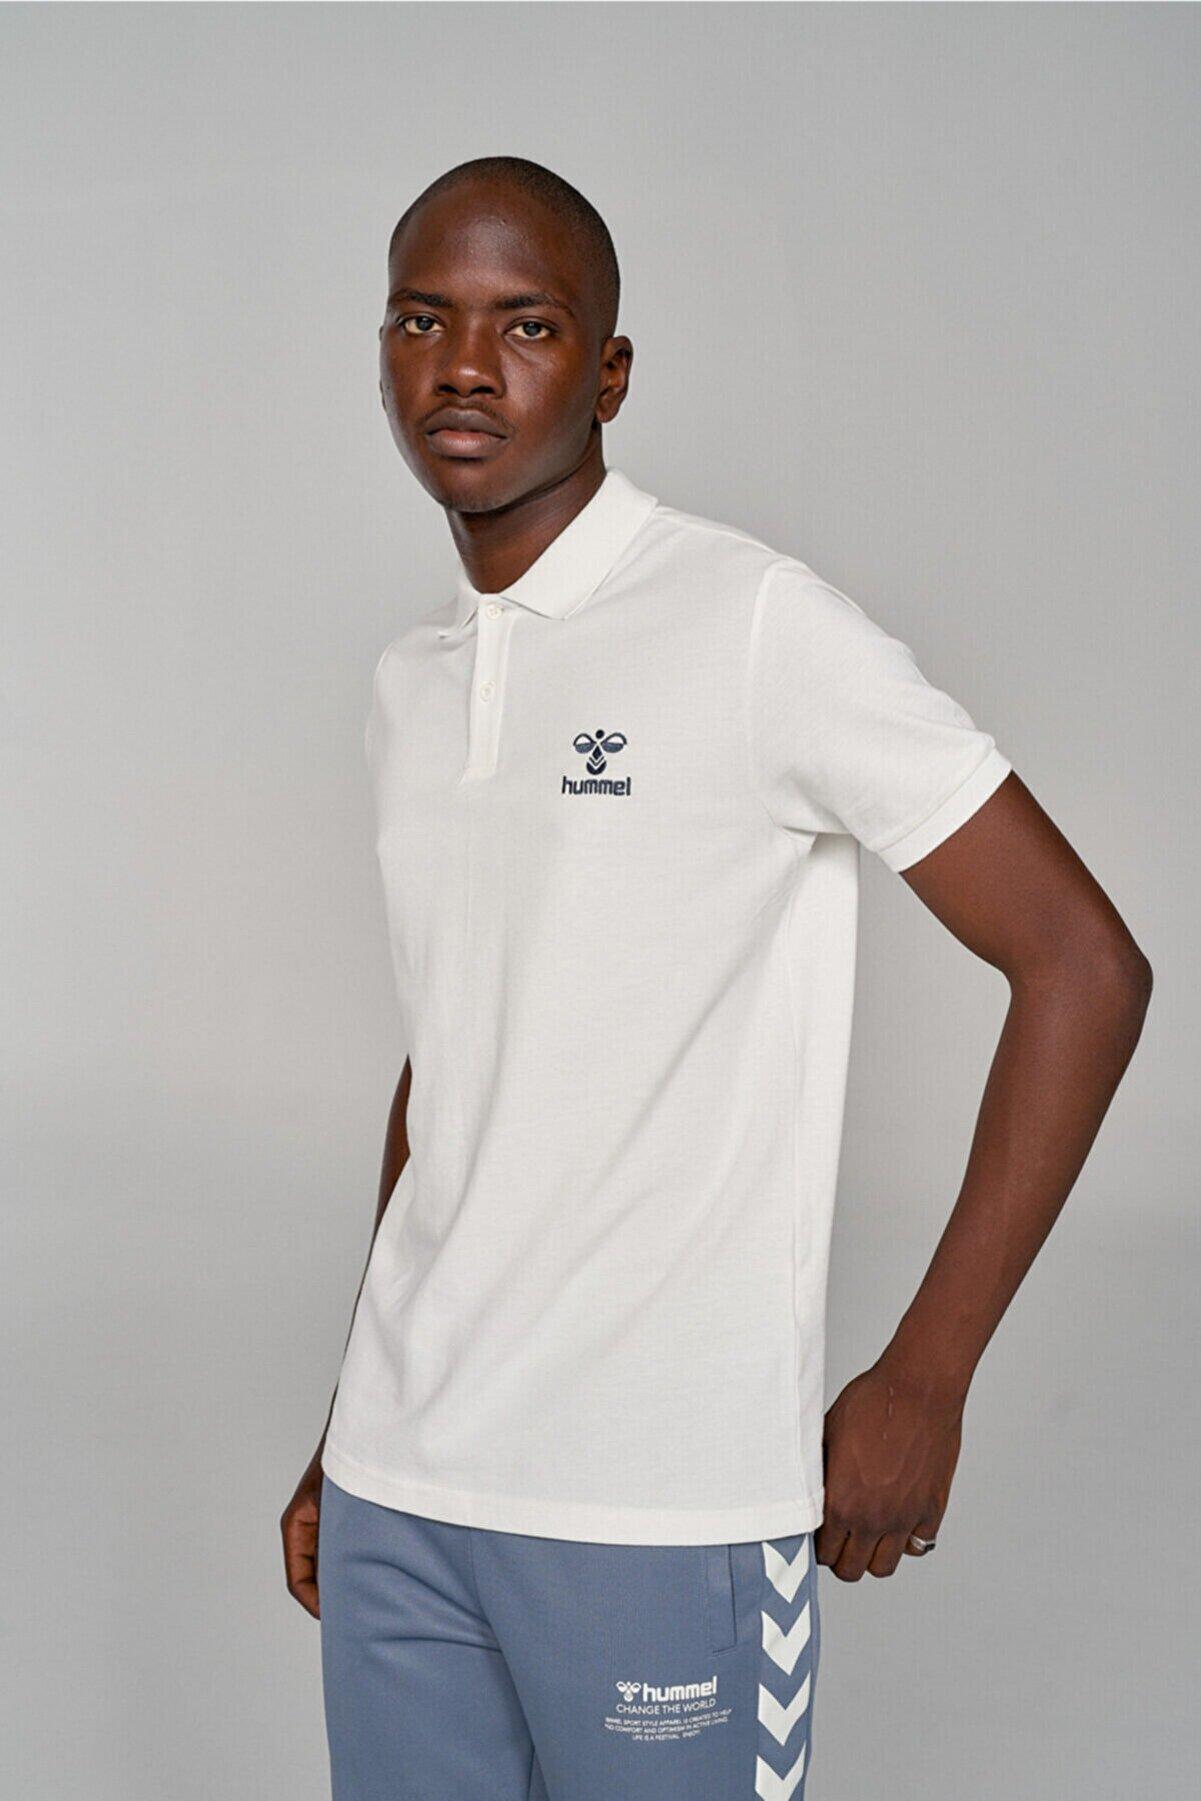 HUMMEL HMLLEON POLO T-SHIRT S/S Beyaz Erkek T-Shirt 101086238